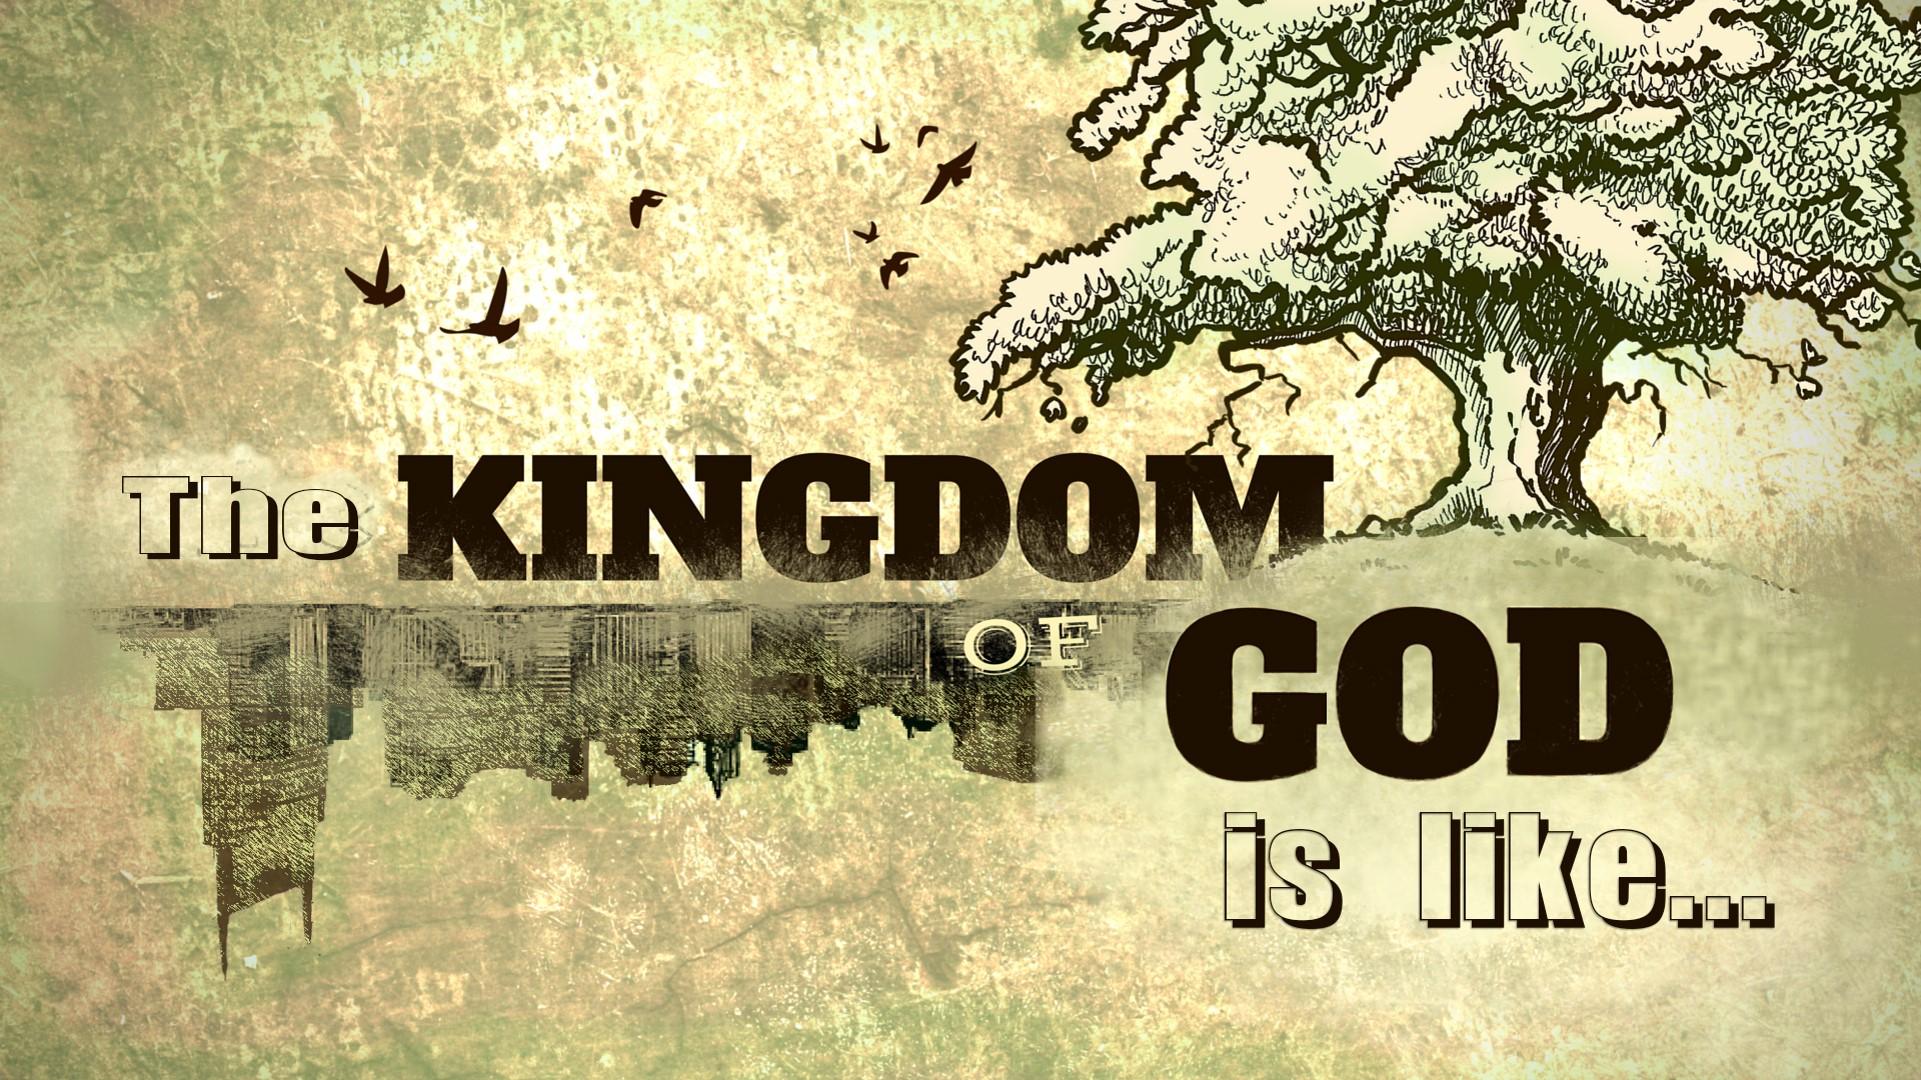 kingdom-of-god-is-like